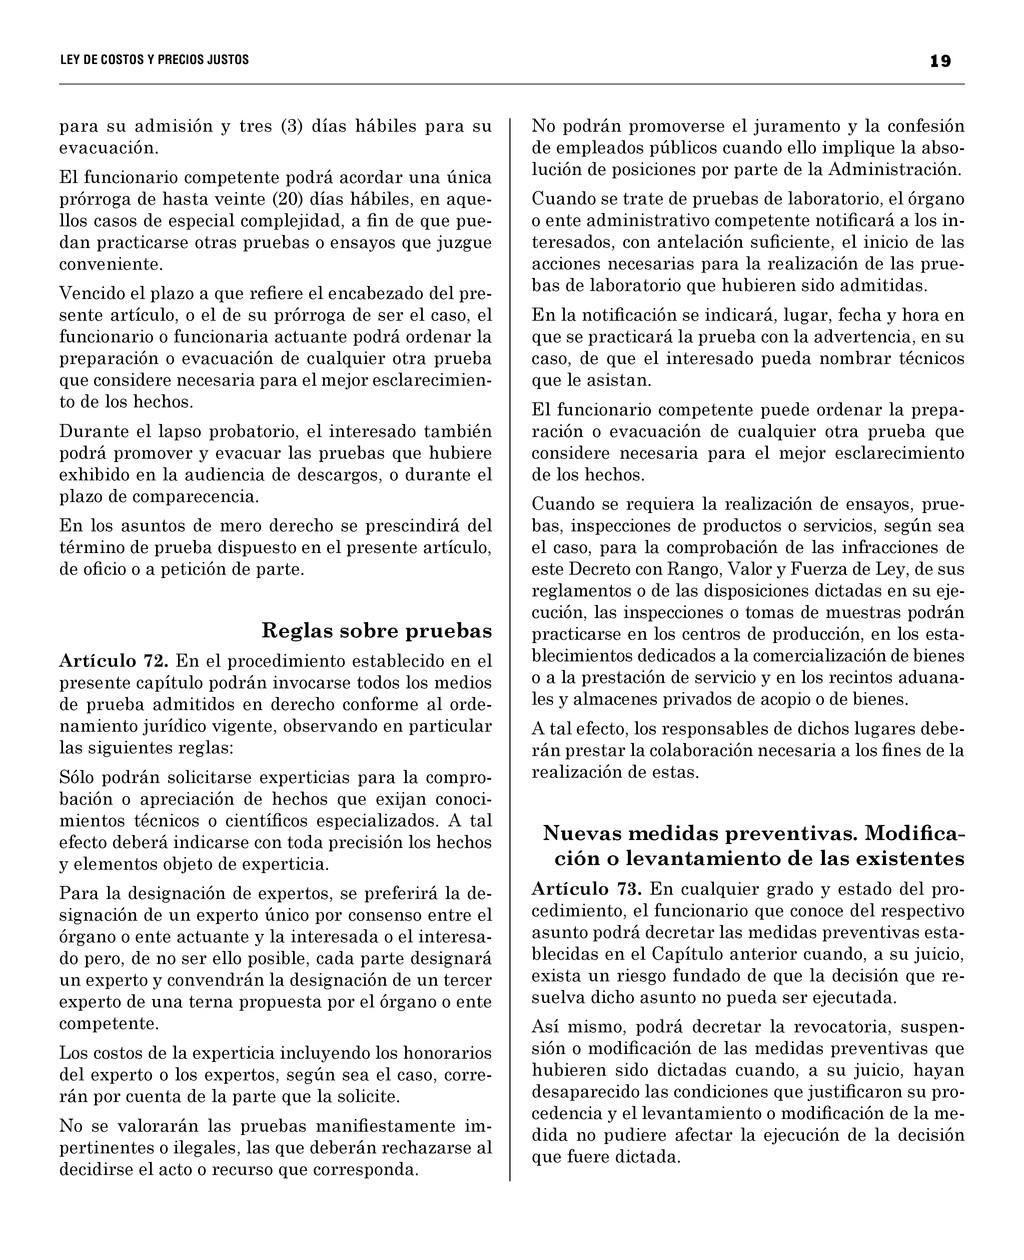 19 LEY DE COSTOS Y PRECIOS JUST...